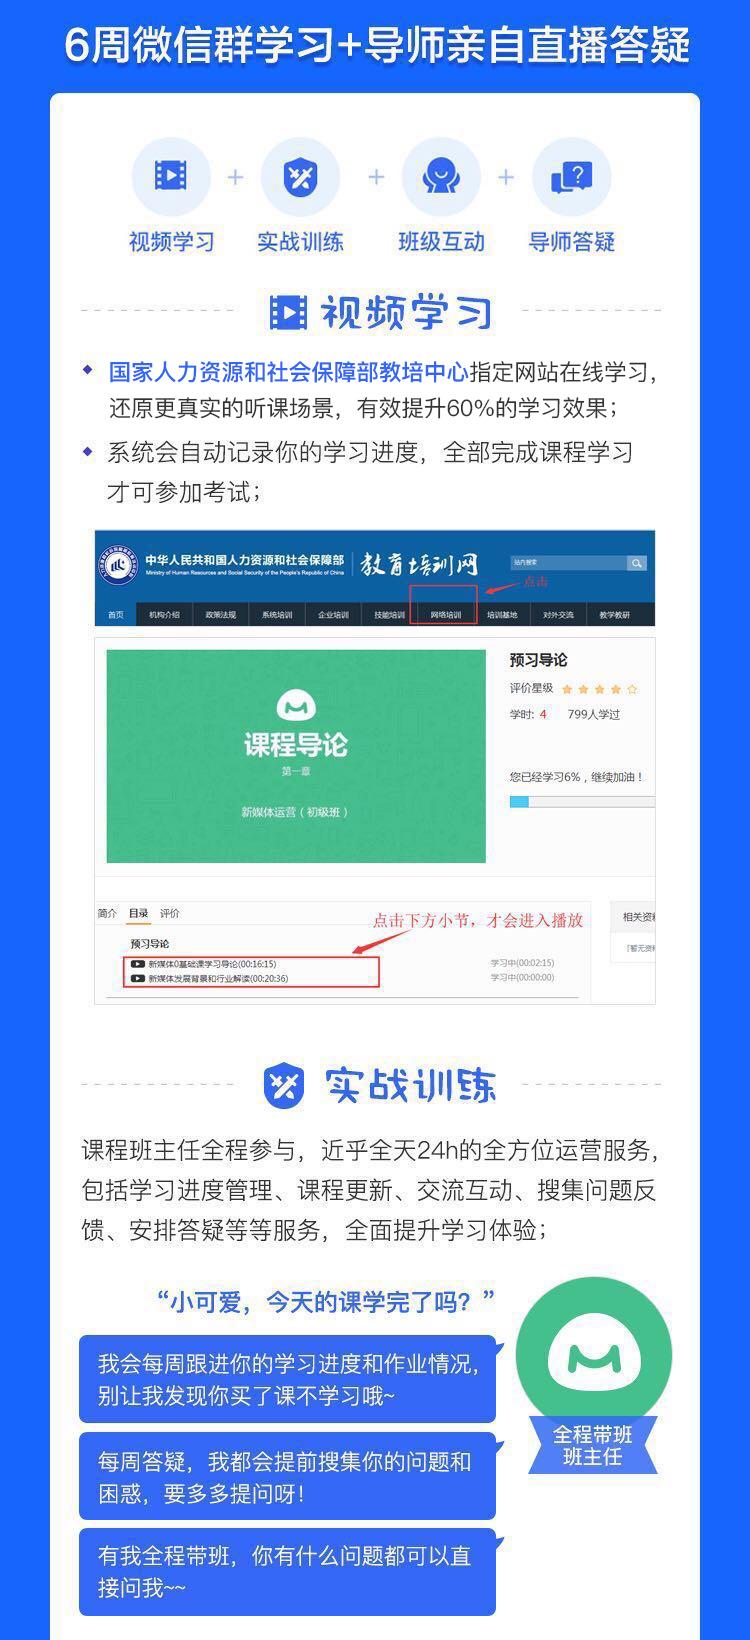 http://mtedu-img.oss-cn-beijing-internal.aliyuncs.com/ueditor/20190402233330_160759.jpg